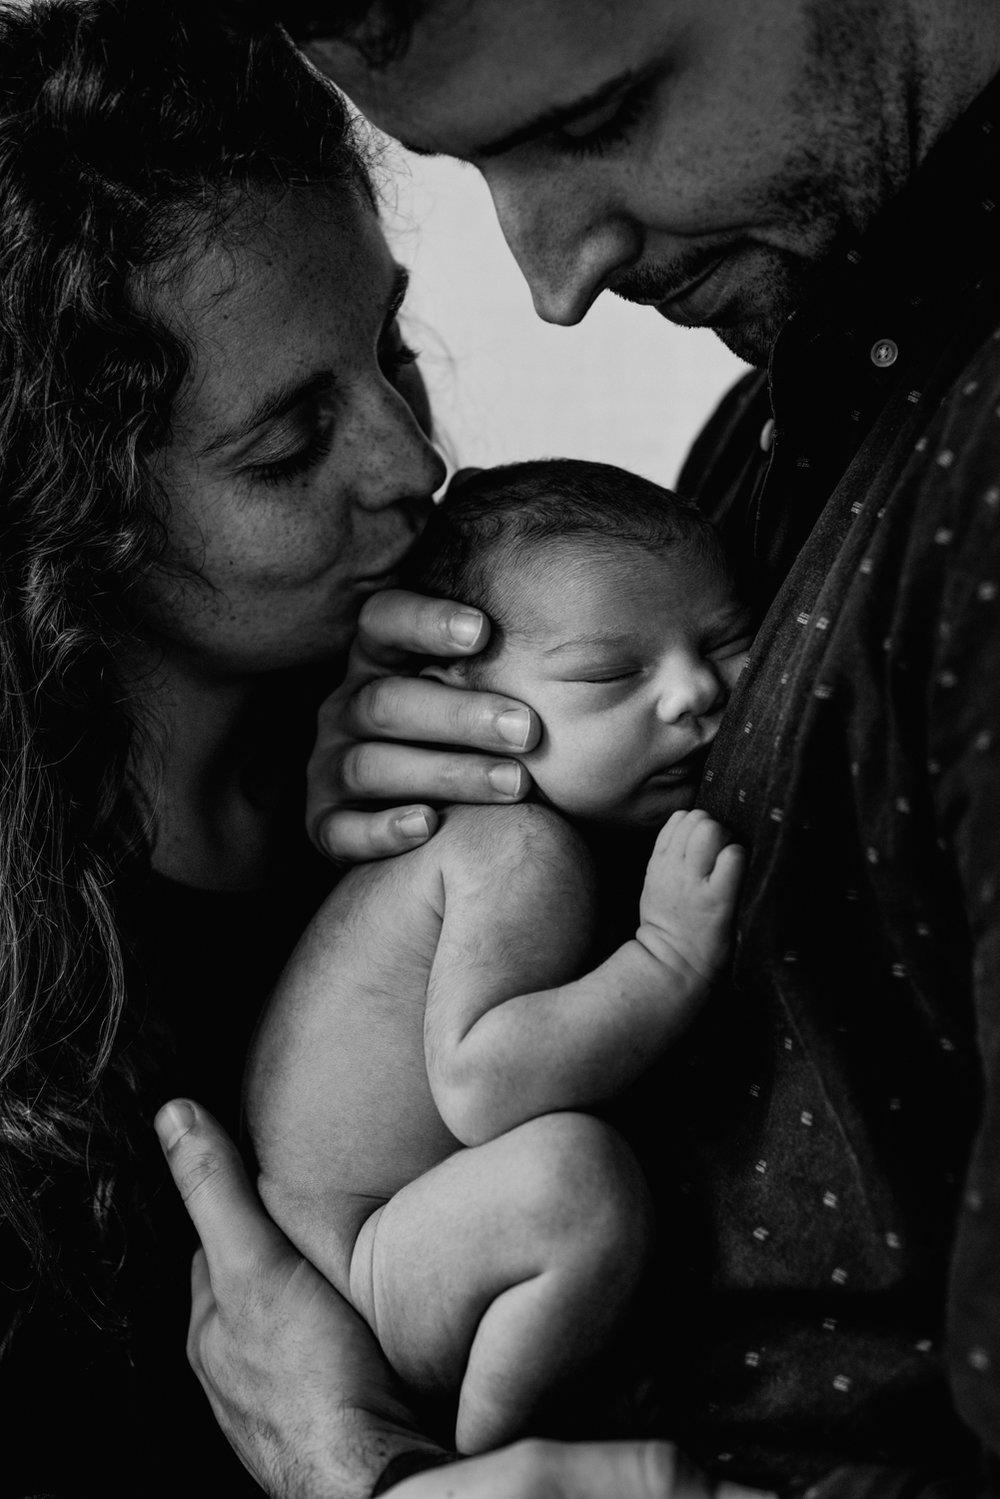 J + C + J session nouveau-né posé SÉANCE PHOTO bébé bebe |  PHOTOGRAPHE bebe et grossesse PARIS  | FREYIA photography | photographe | nouveau-né bébé maternité grossesse future maman femme enceinte naissance allaitement_-18.jpg